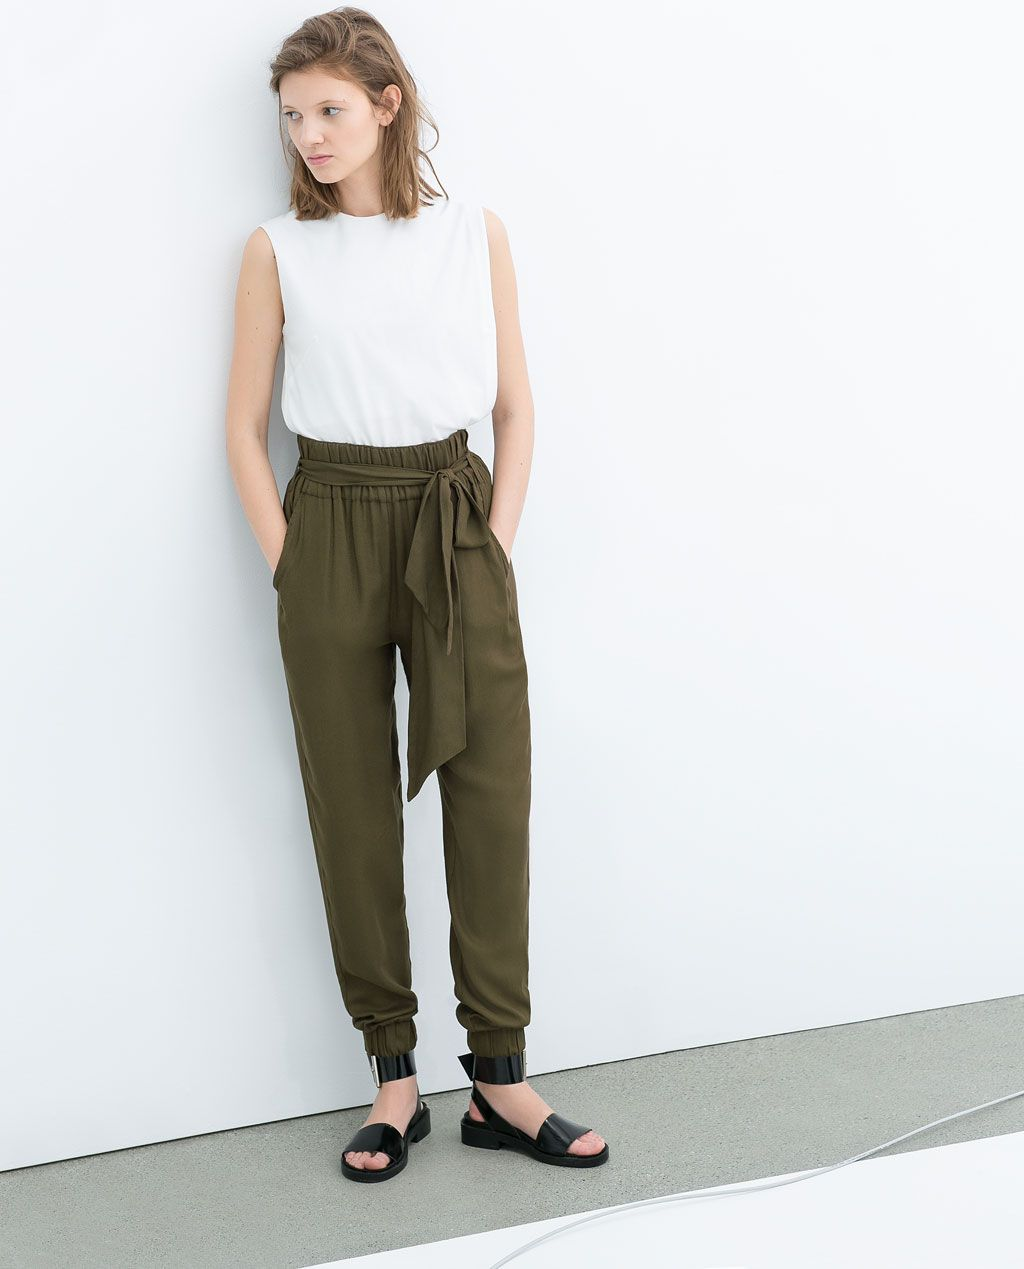 ciara outfits baggy pants - 615×762